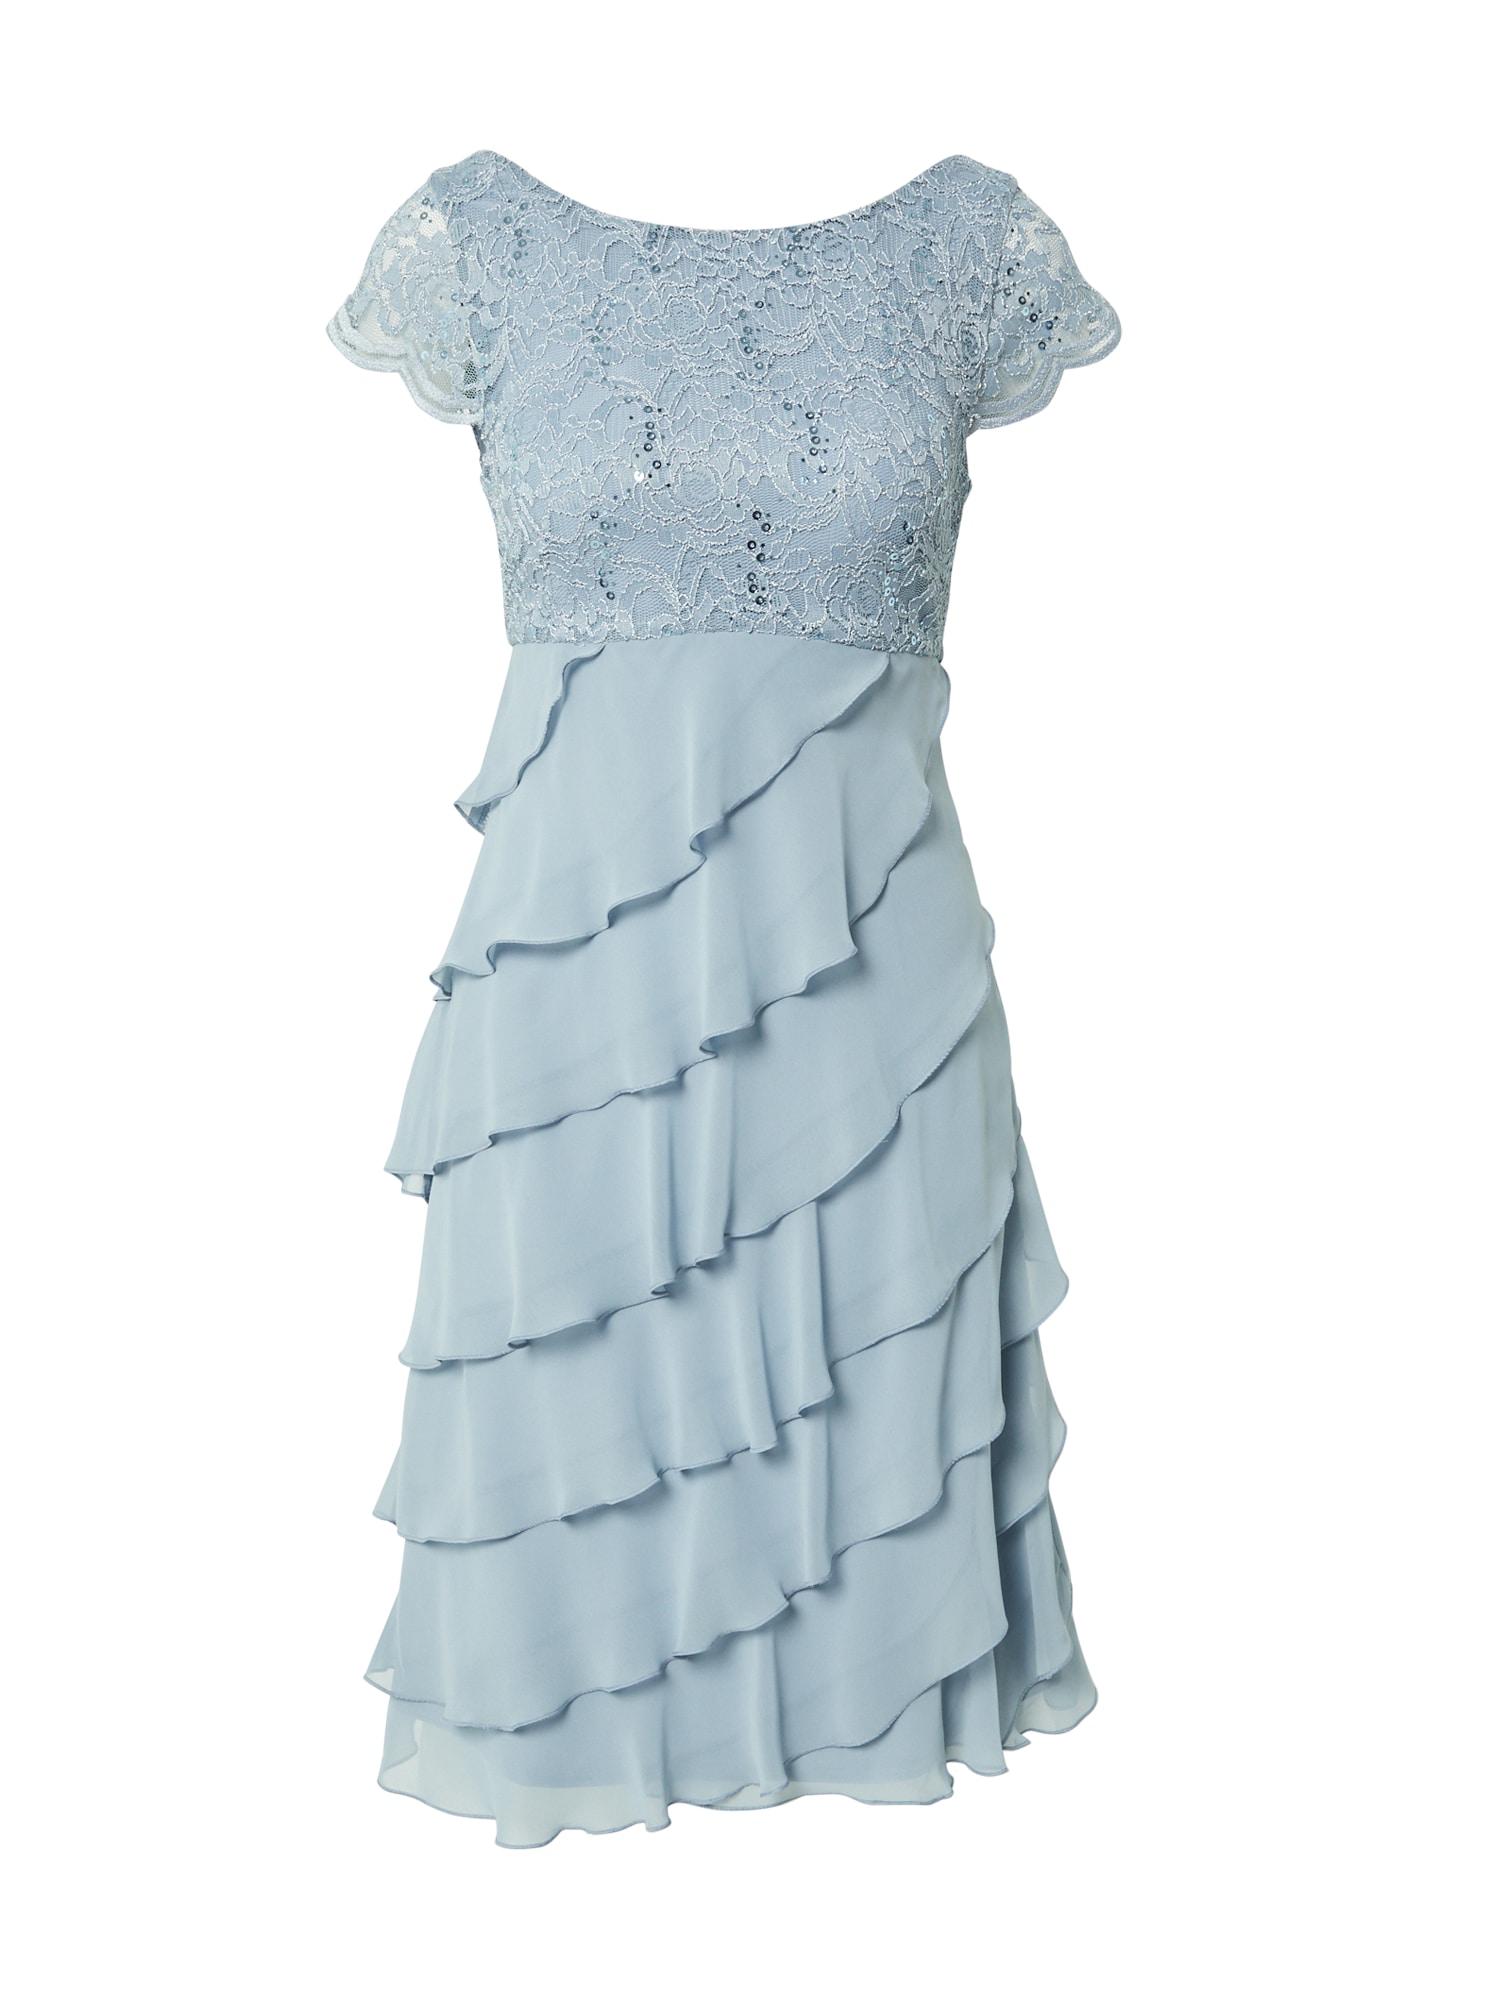 SWING Kokteilinė suknelė mėlyna dūmų spalva